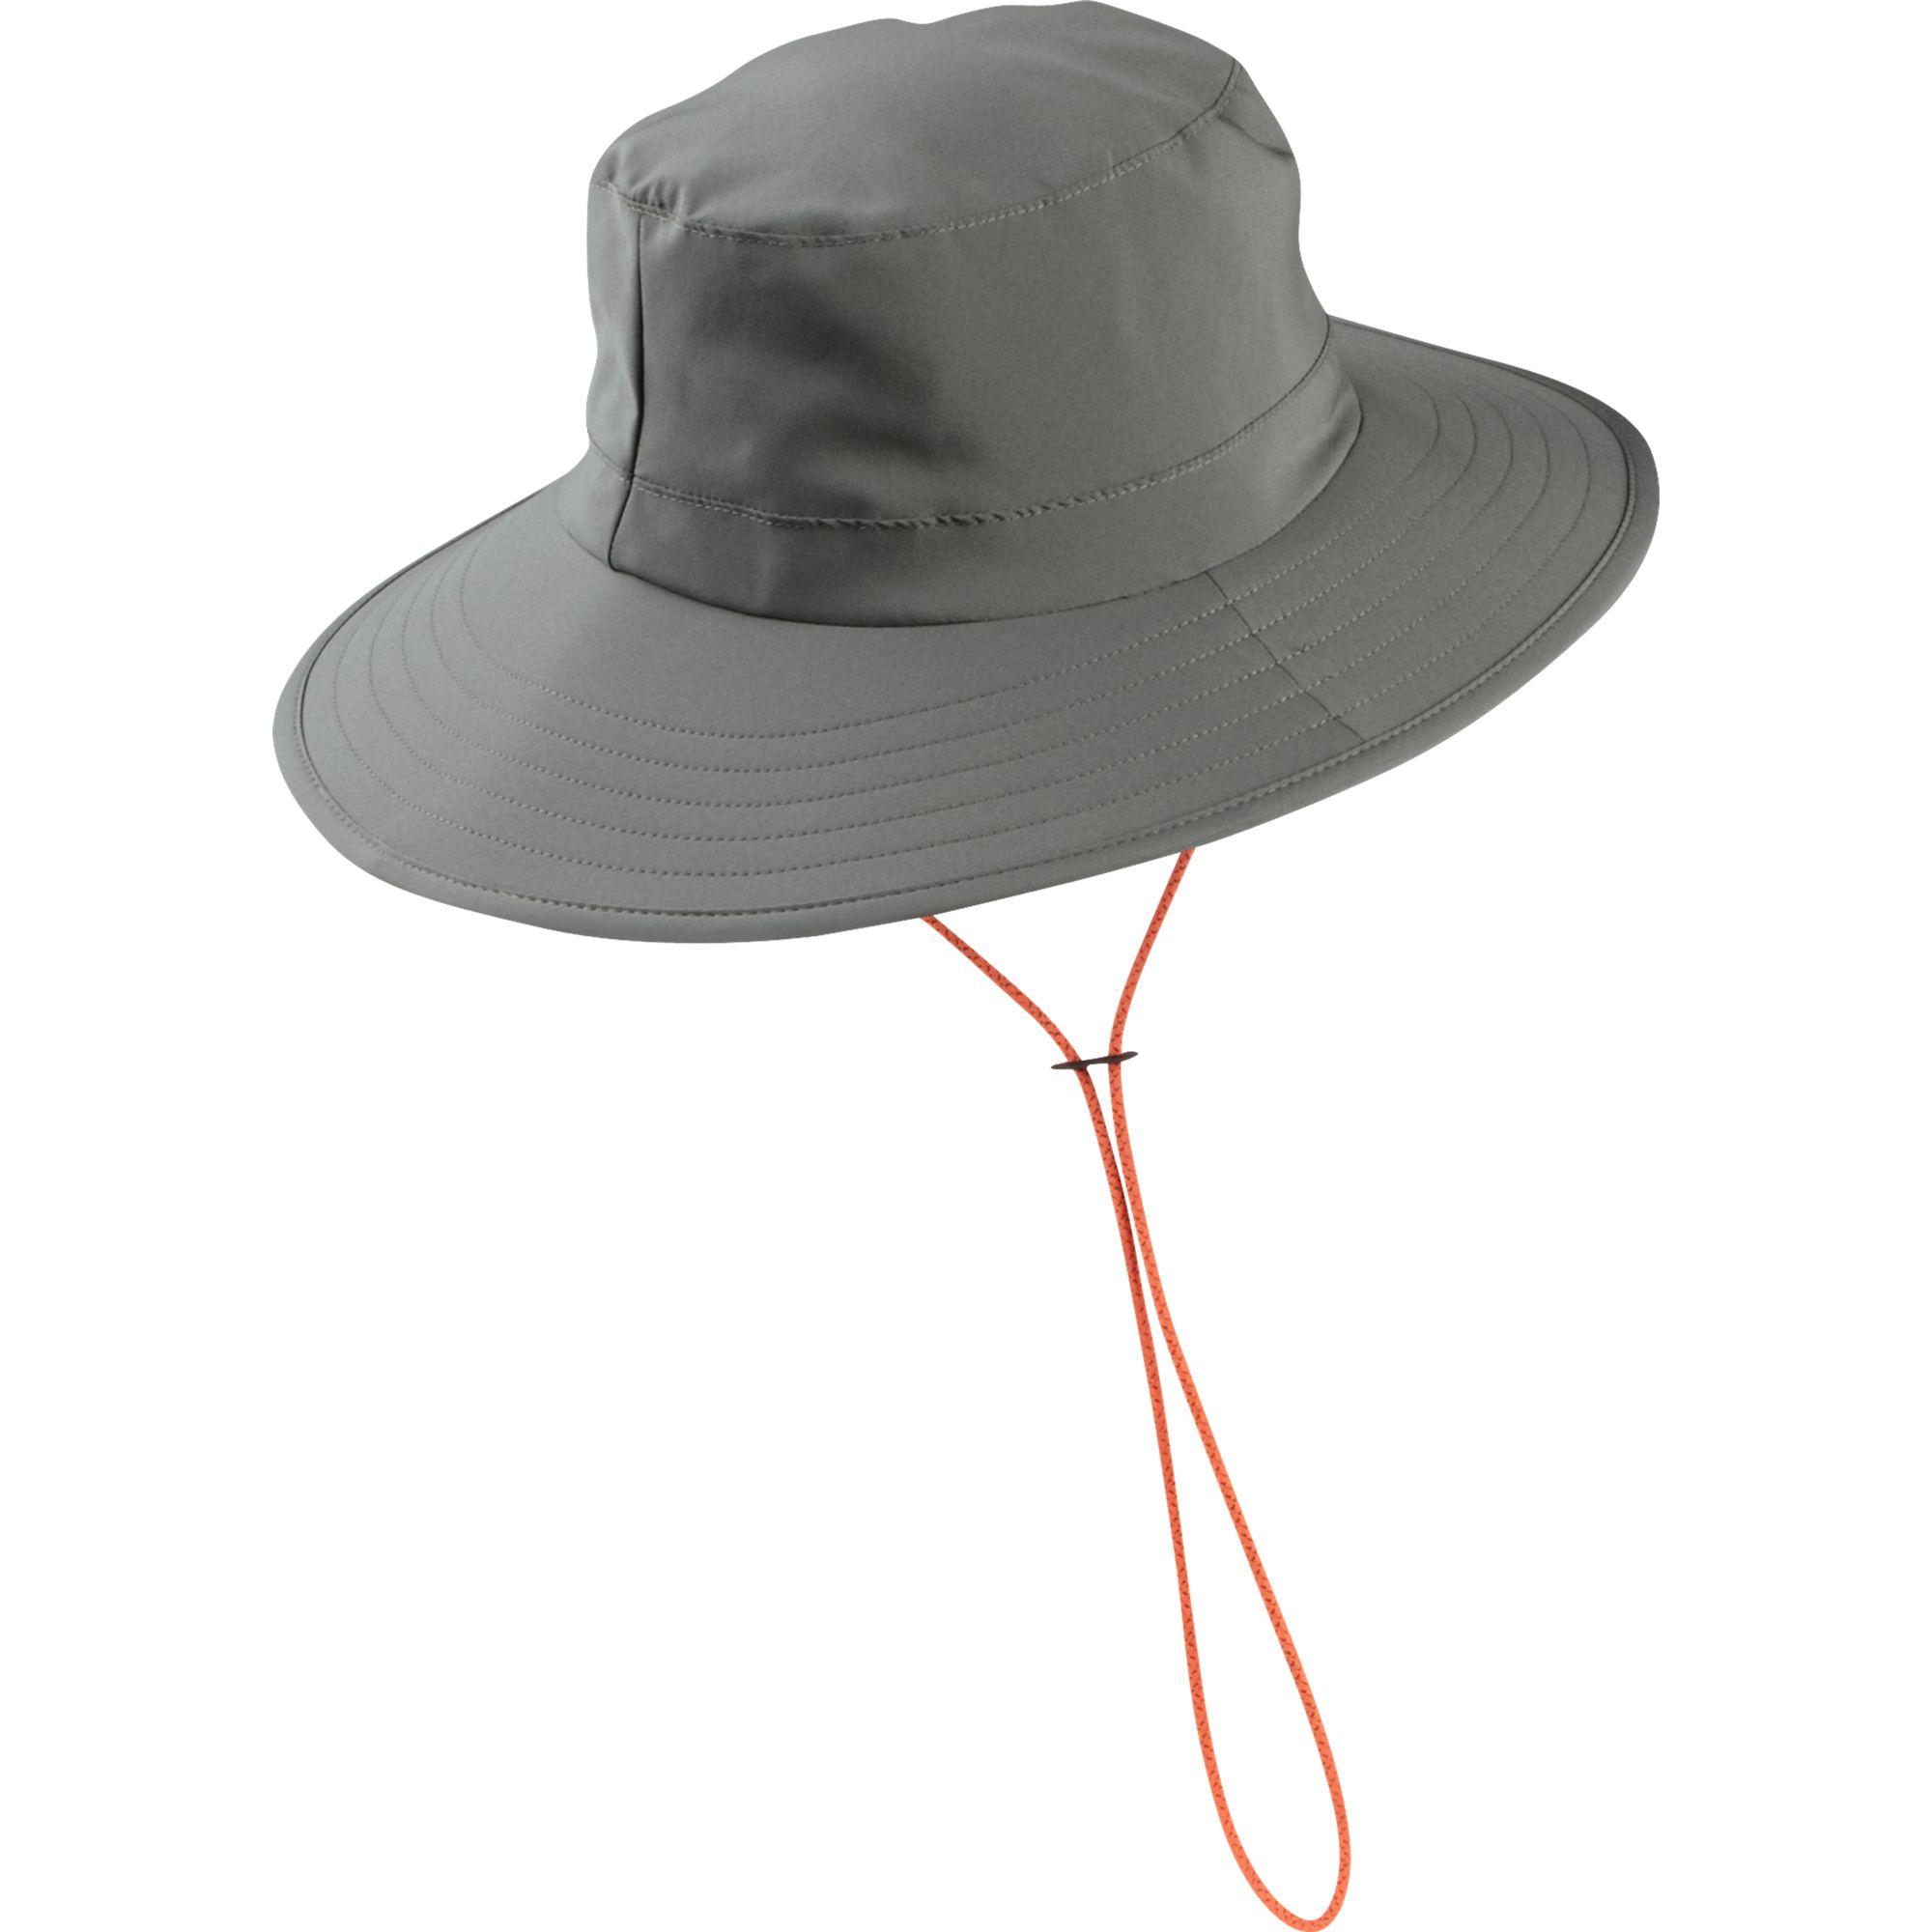 Sun hats - deals on 1001 Blocks